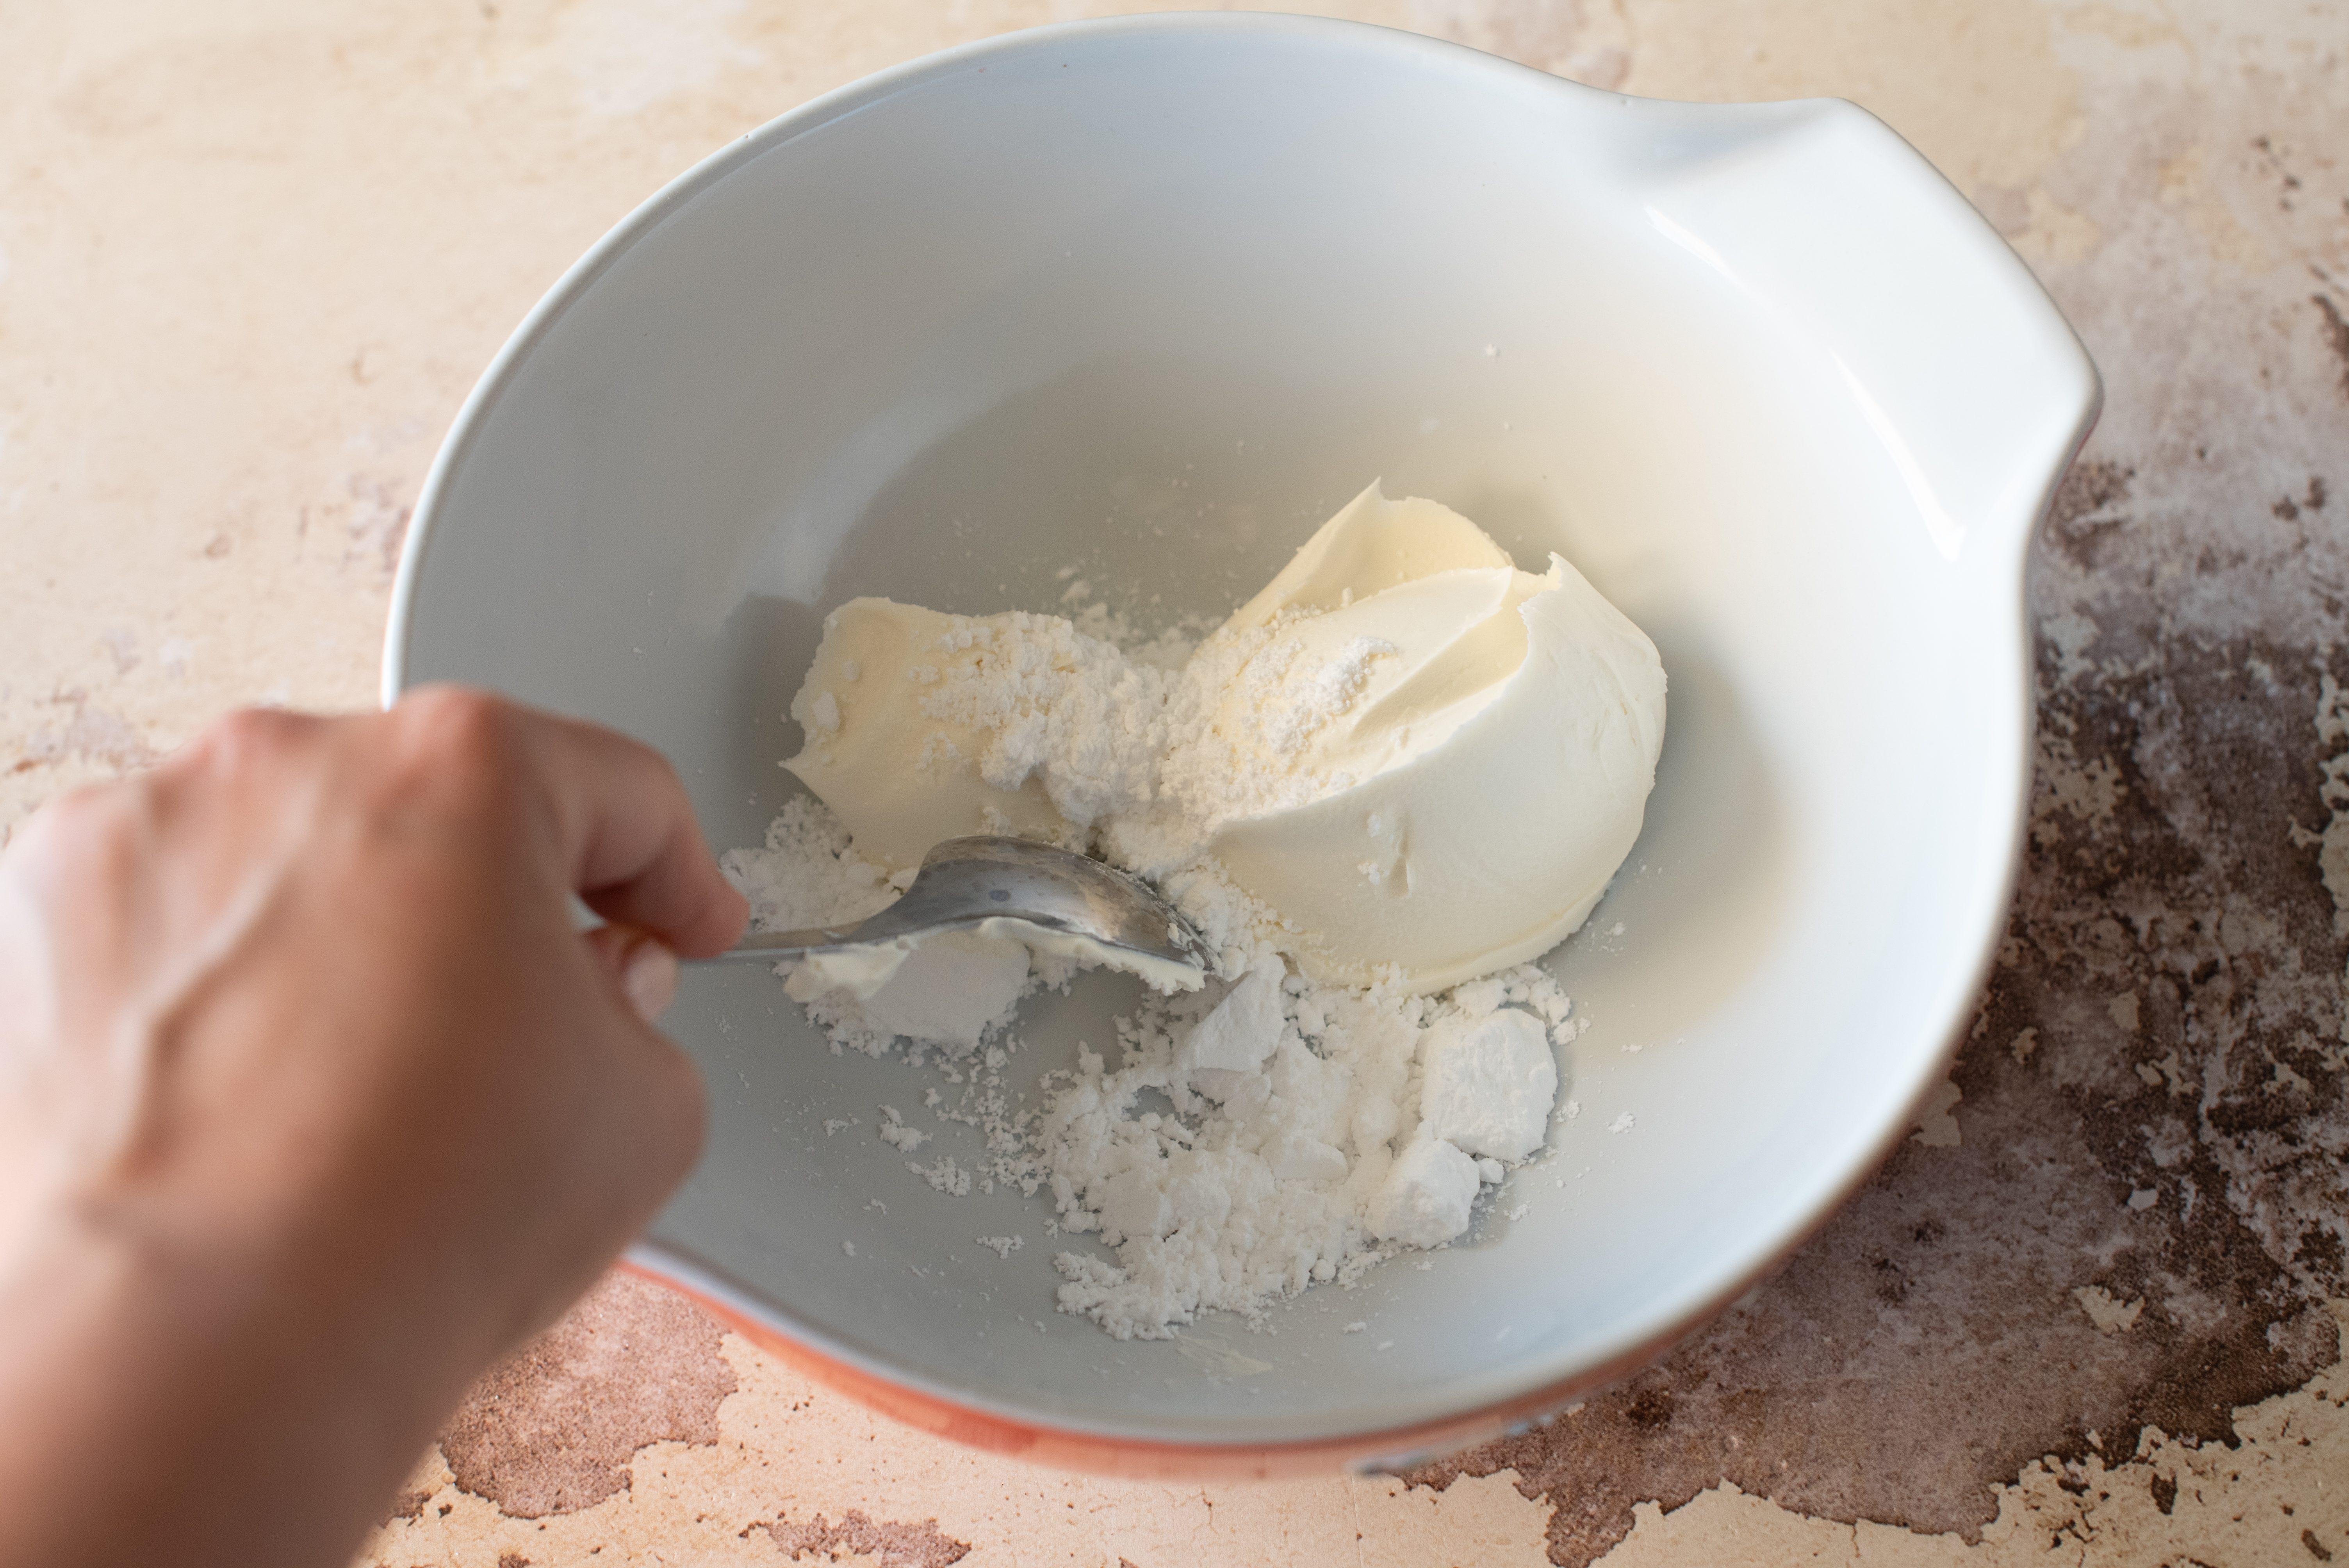 Crema caffè e mascarpone, ammorbidire il mascarpone